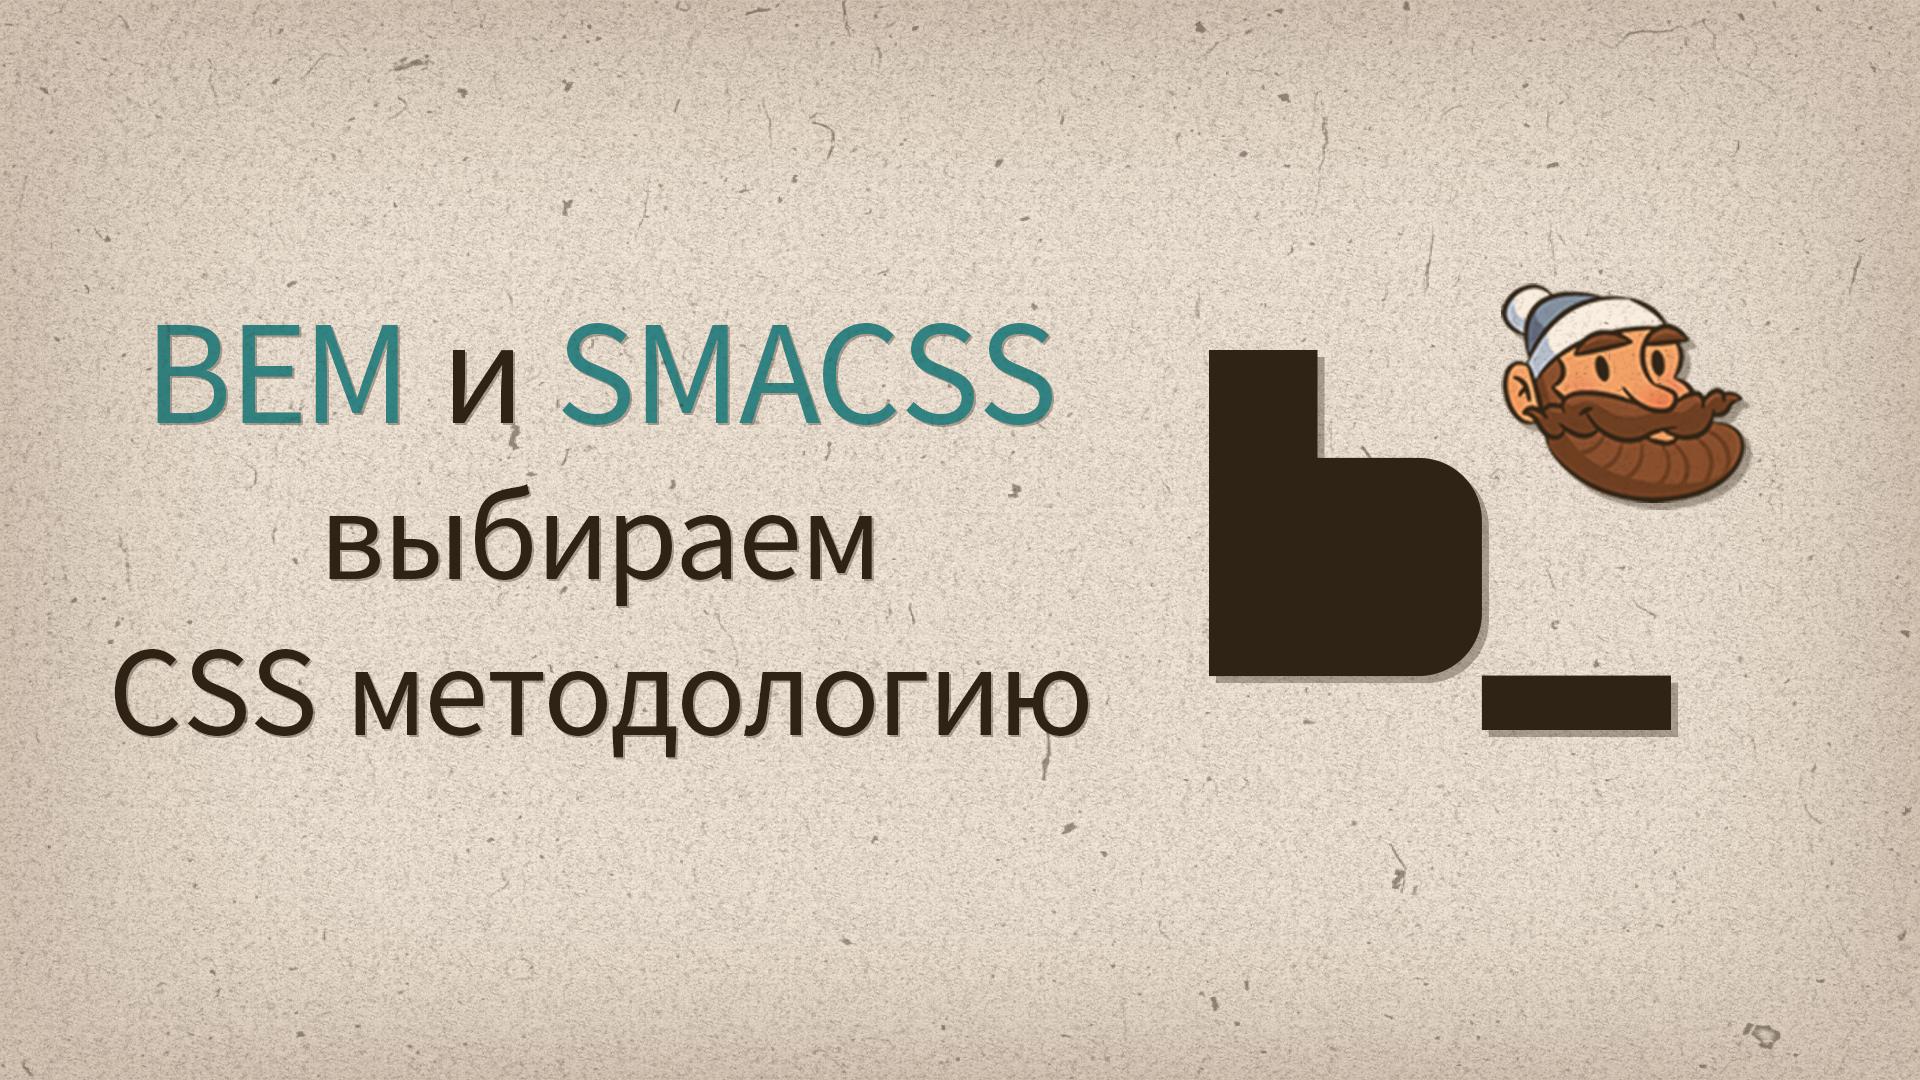 BEM и SMACSS — выбираем CSS методологию